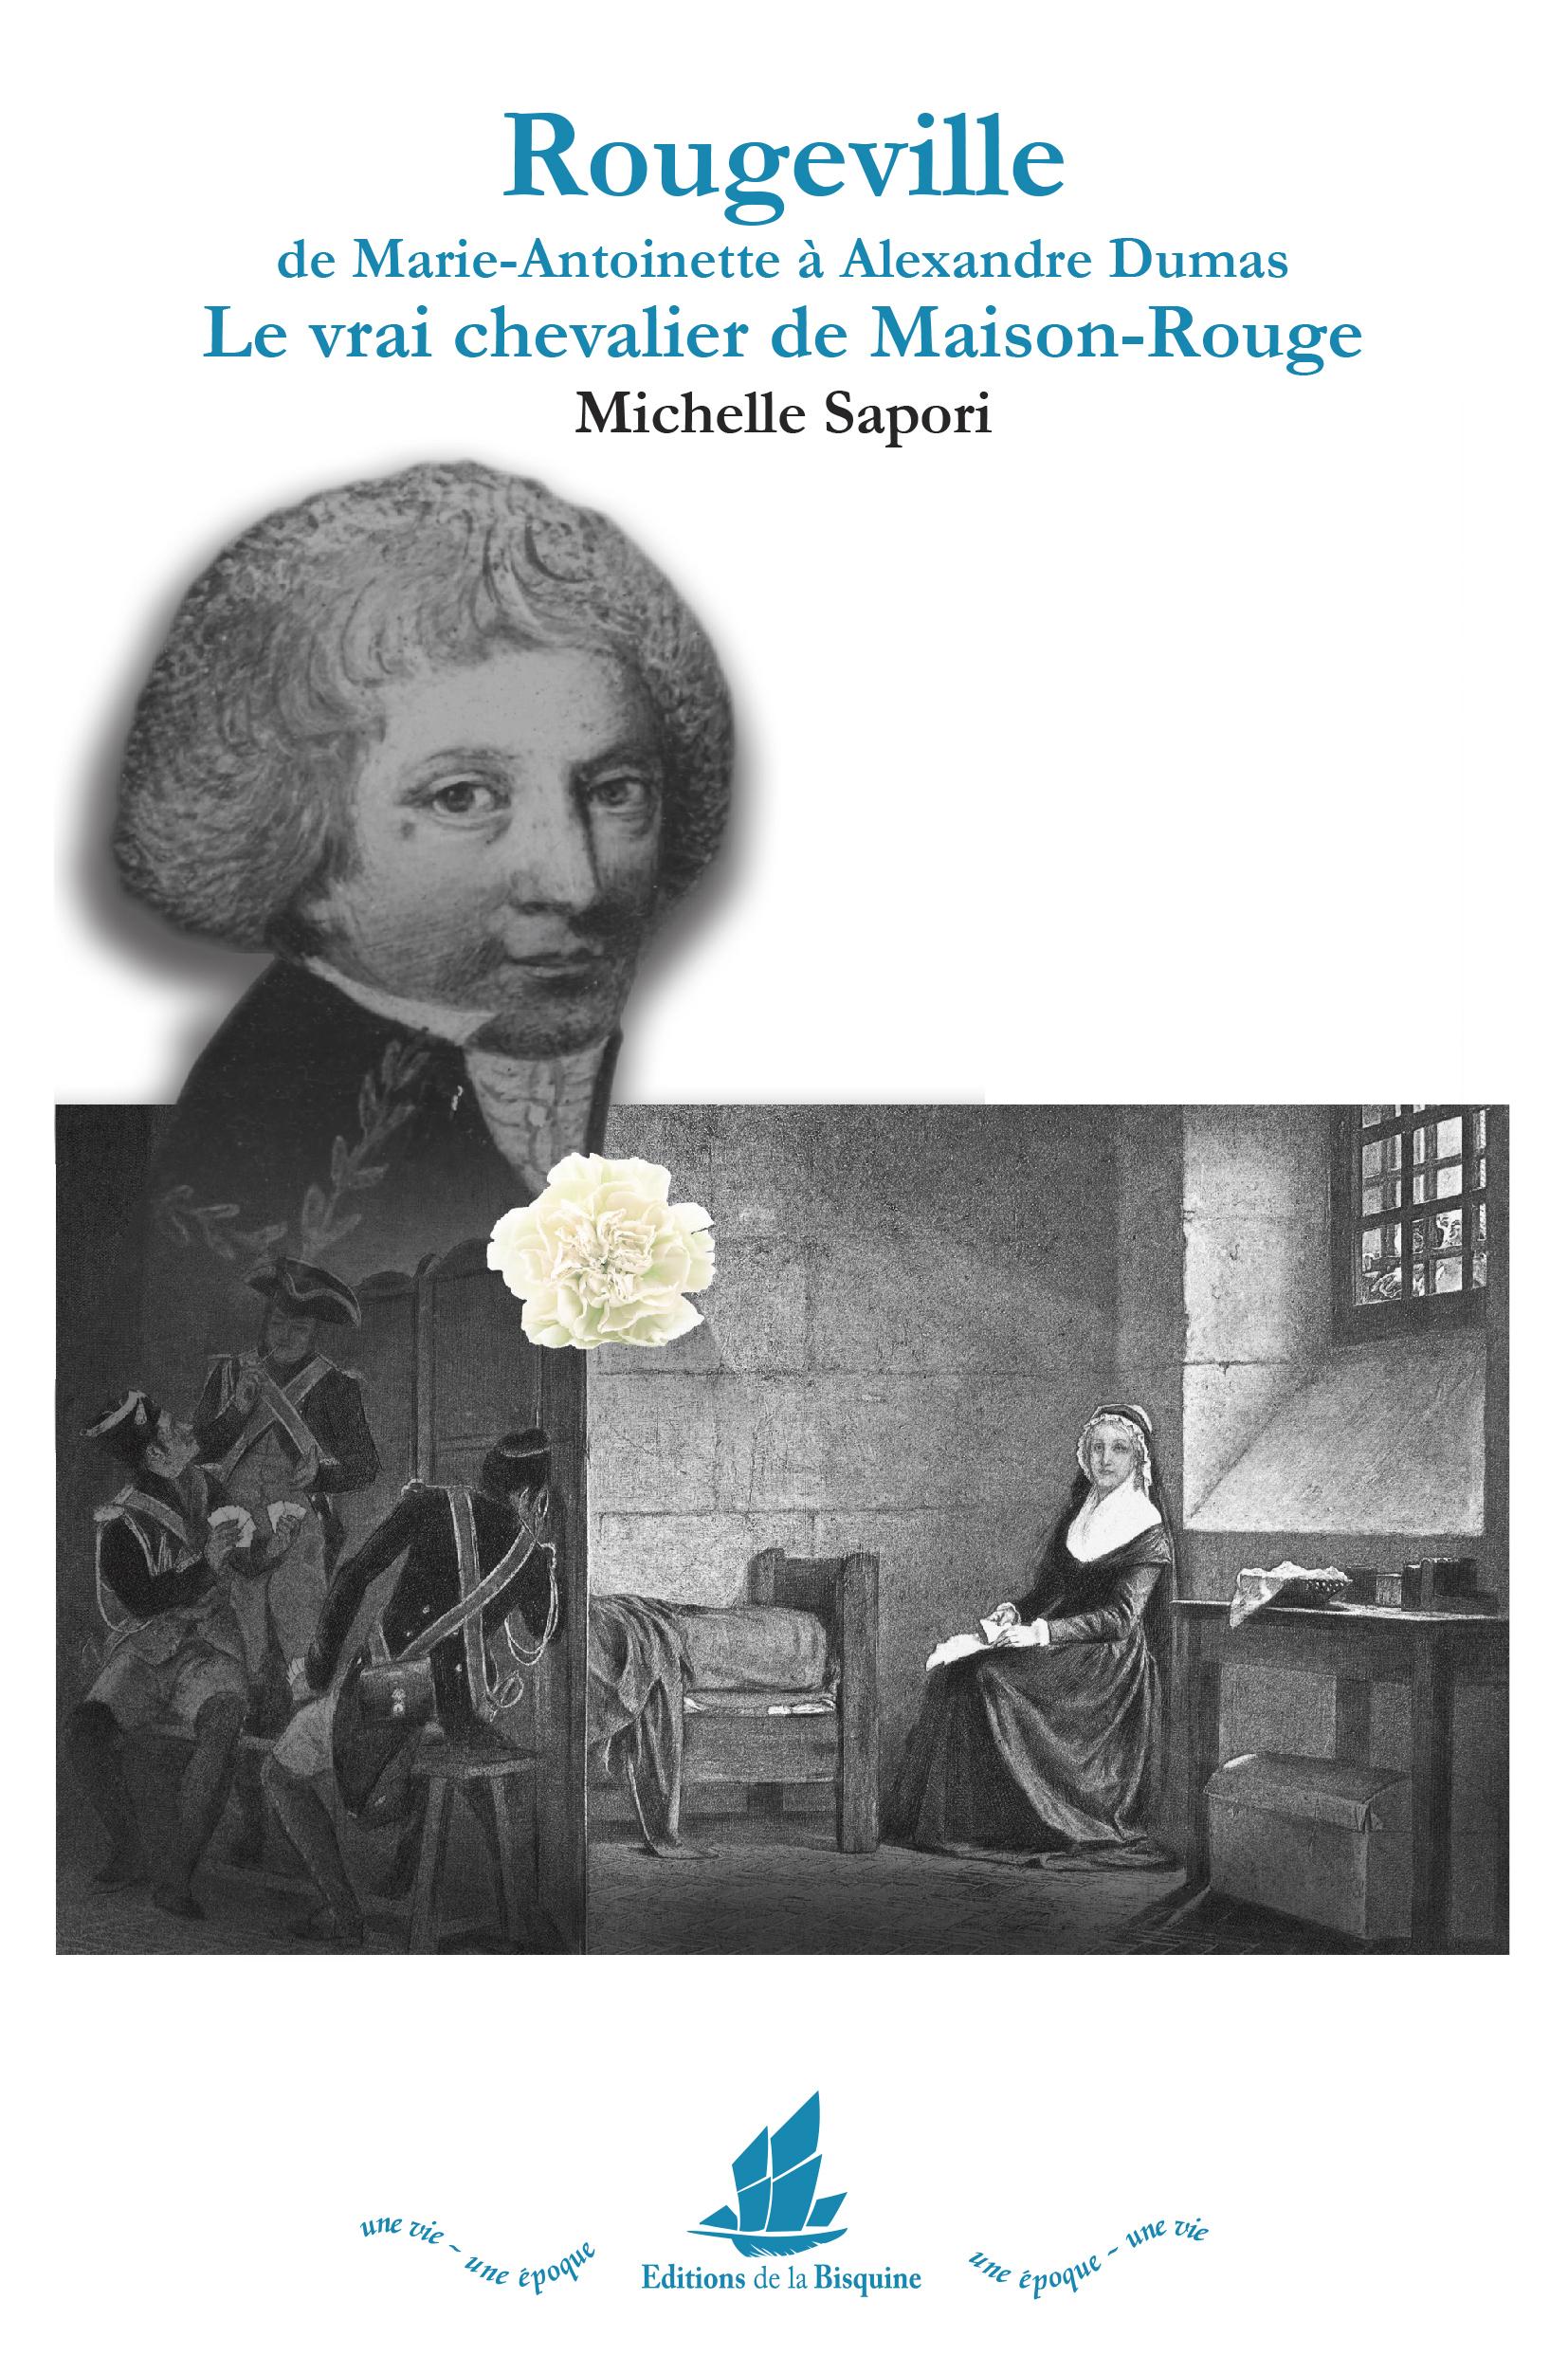 ROUGEVILLE DE MARIE-ANTOINETTE A ALEXANDRE DUMAS. LE VRAI CHEVALIER DE MAISON-ROUGE